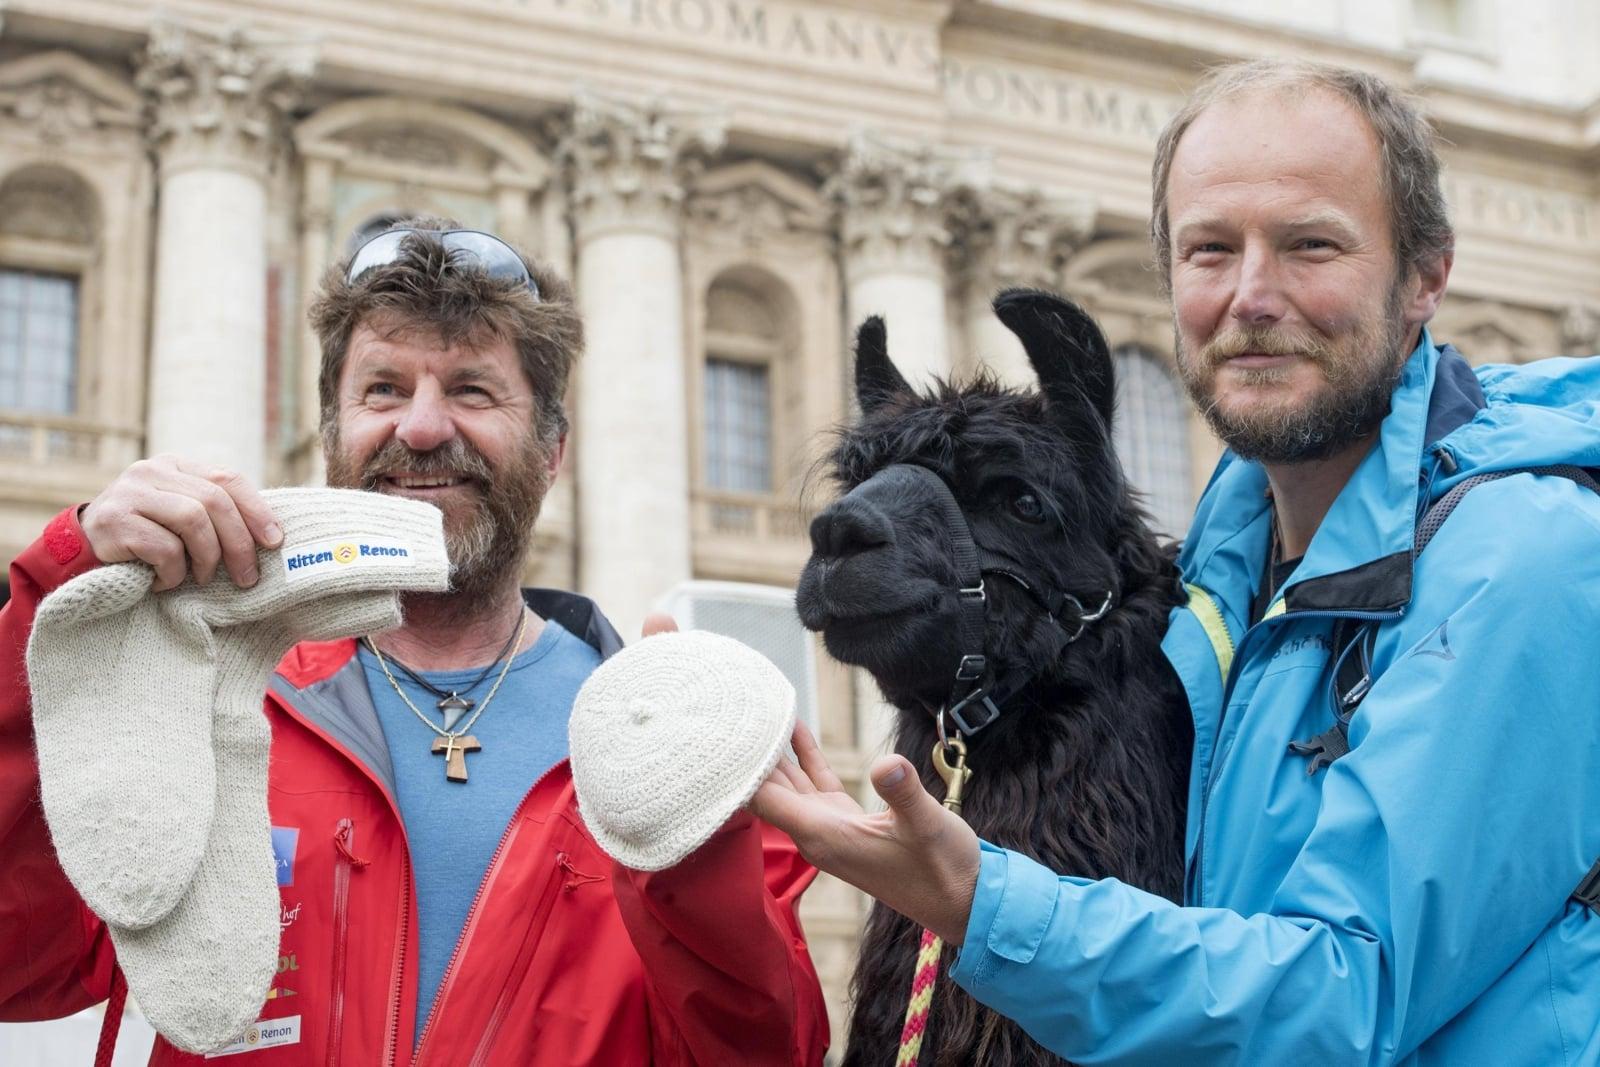 Hdowcy lam z włoskiej prowincji Bolzano z prezentem dla papieża Franciszka - czapką i skarpetkami z wełny Alpaki, fot. EPA/CLAUDIO PERI